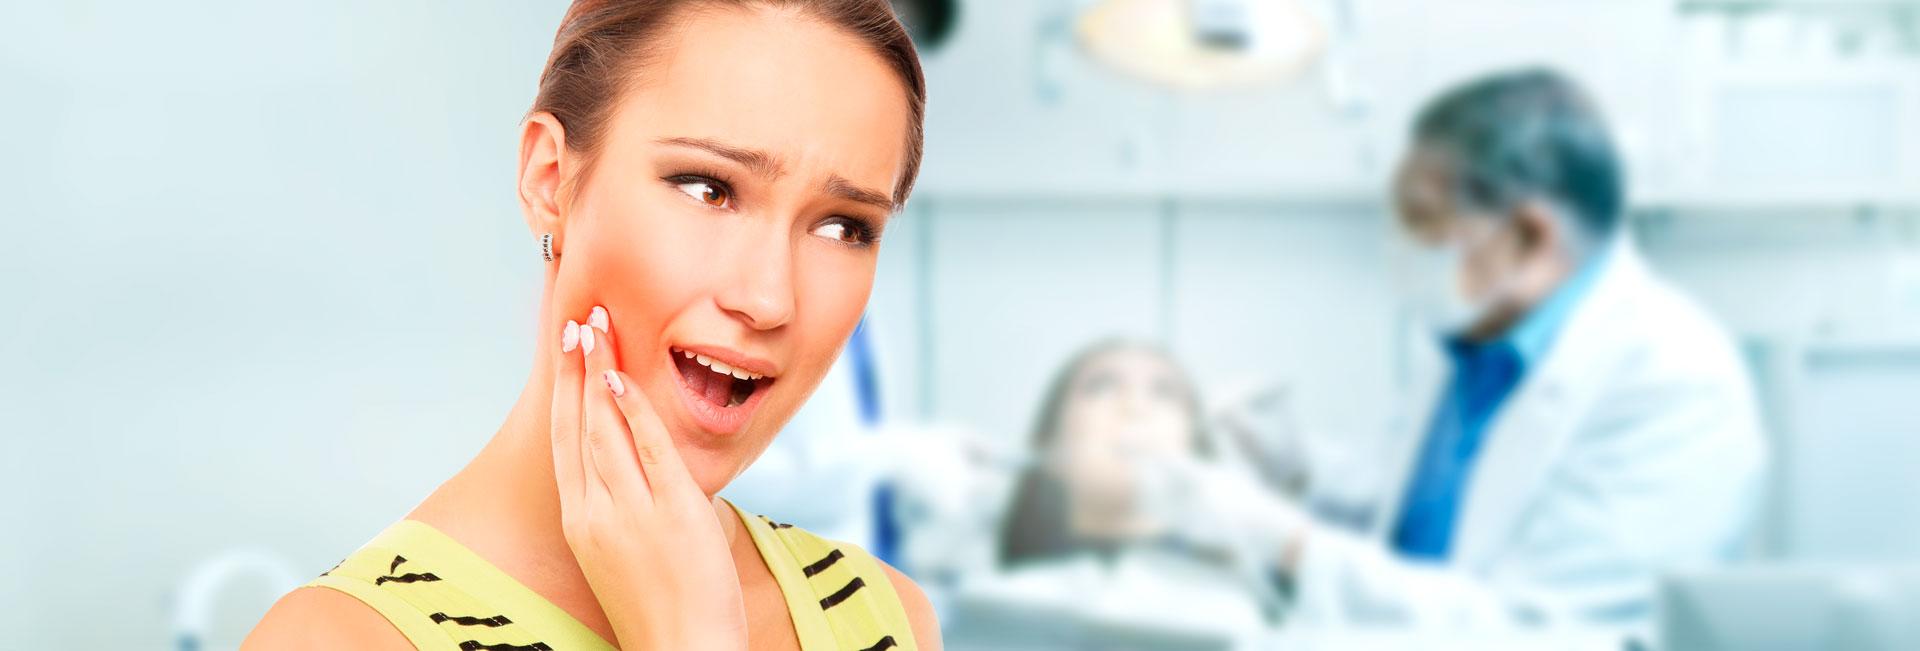 Болит зуб после пломбирования